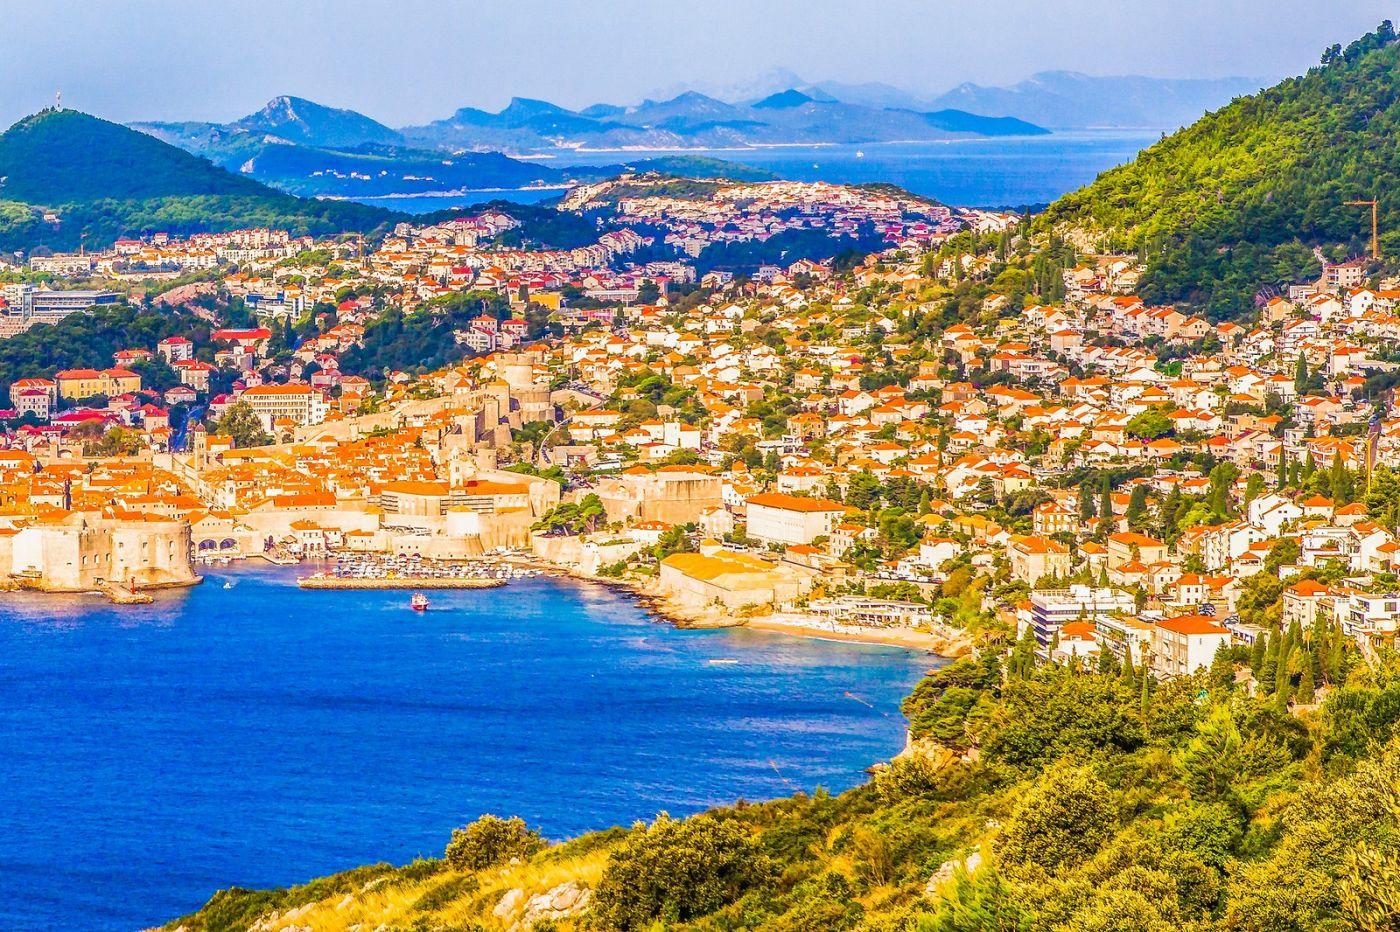 克罗地亚杜布罗夫尼克(Dubrovnik),远眺古城_图1-20